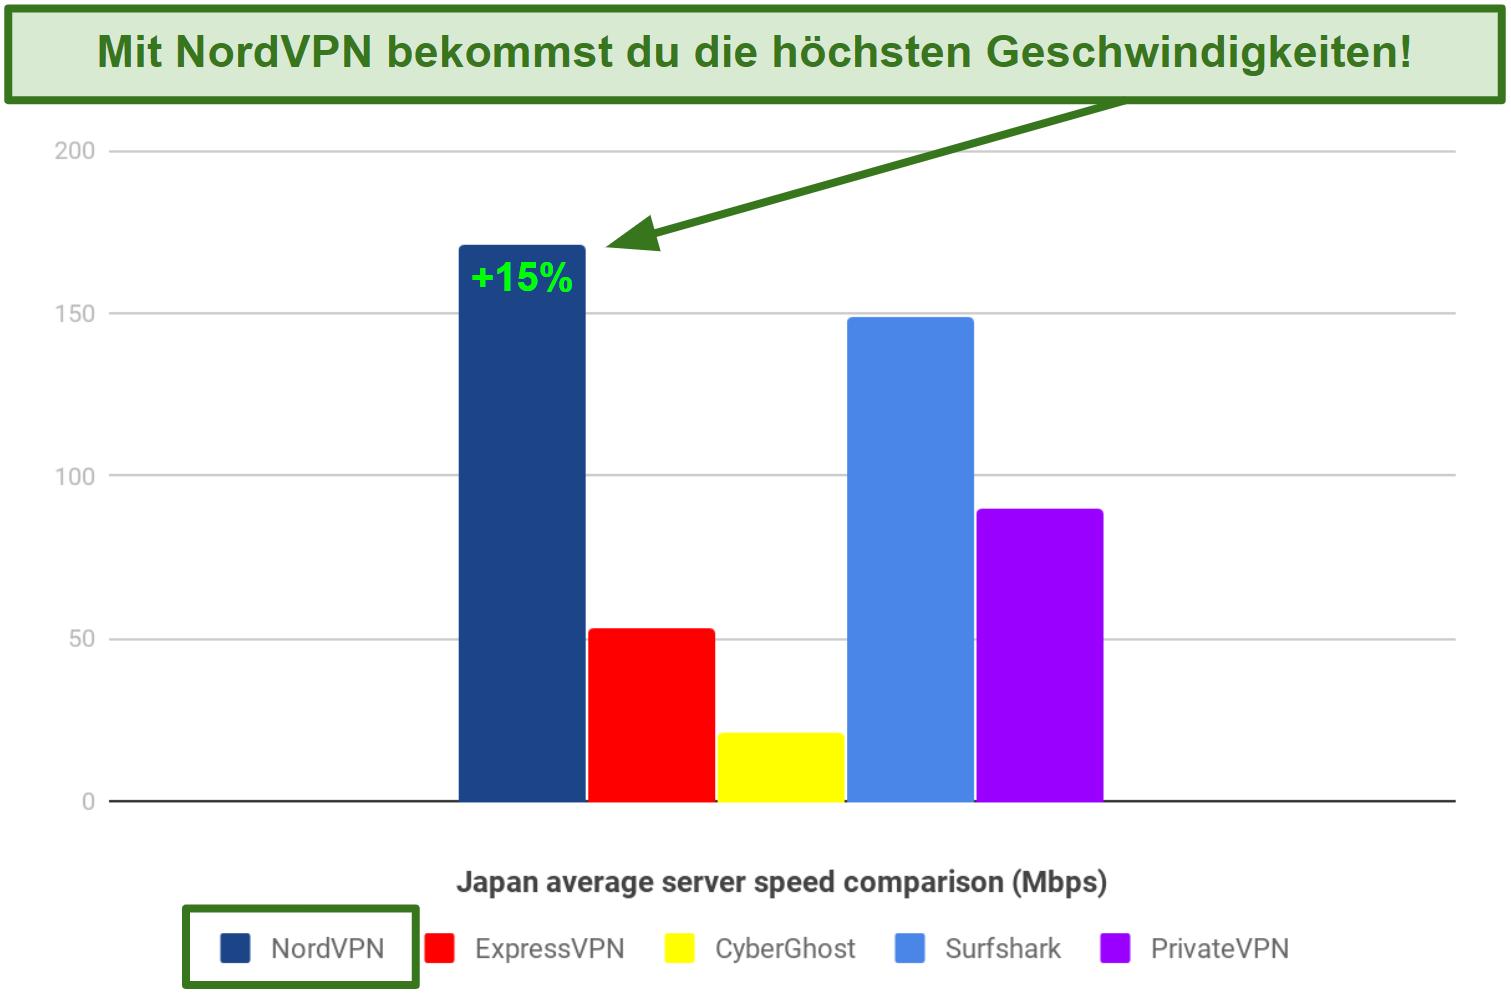 Ein Balkendiagramm mit Geschwindigkeitsunterschieden zwischen NordVPN, ExpressVPN, CyberGhost, Surfshark und PrivateVPN, wobei NordVPN am schnellsten ist